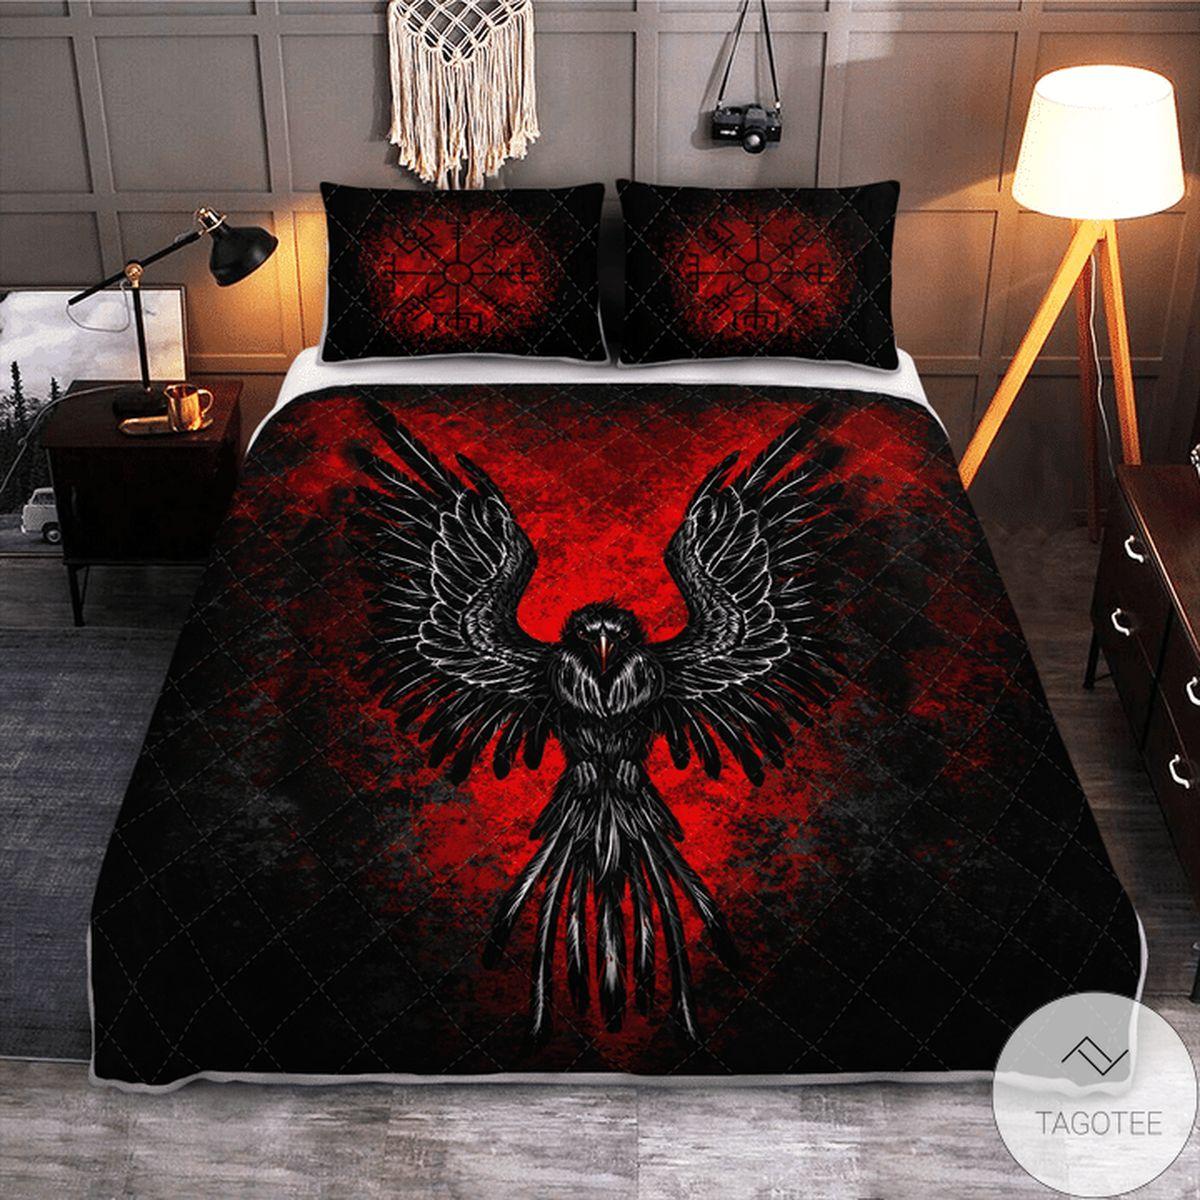 Hot Deal Raven Vegvisir - Viking Black Red Quilt Bedding Set